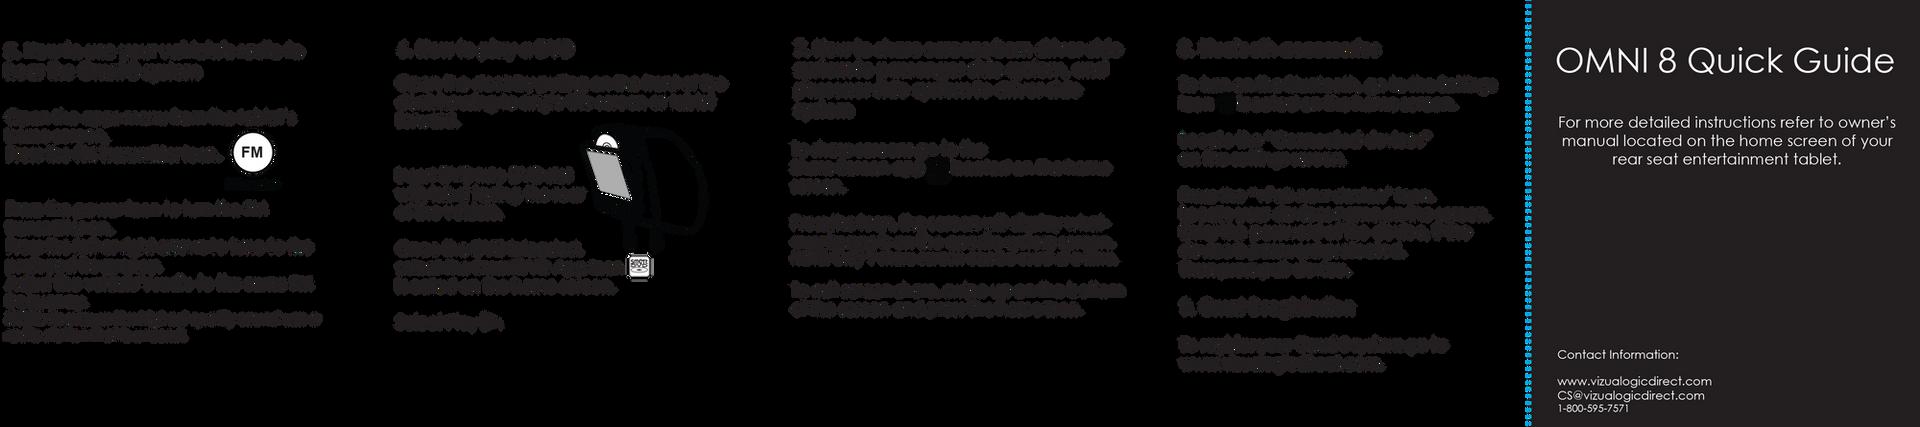 OMNI 8 Quick Guide (back)